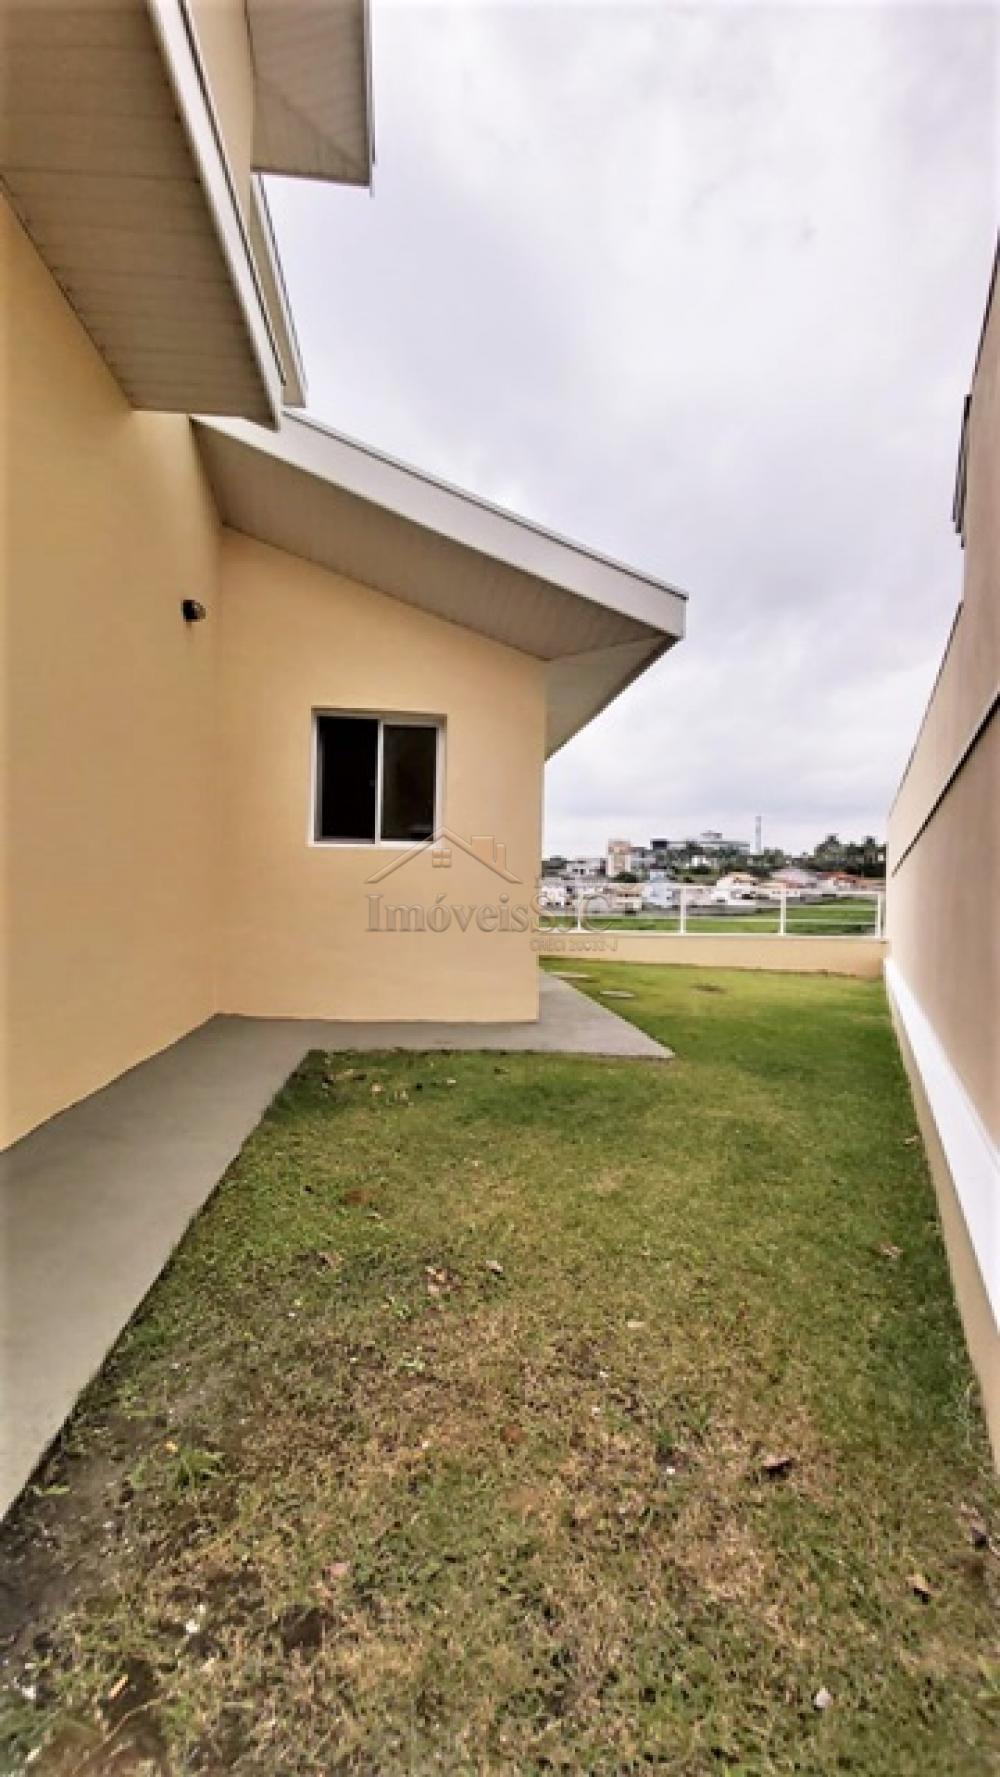 Alugar Casas / Condomínio em São José dos Campos apenas R$ 3.900,00 - Foto 3